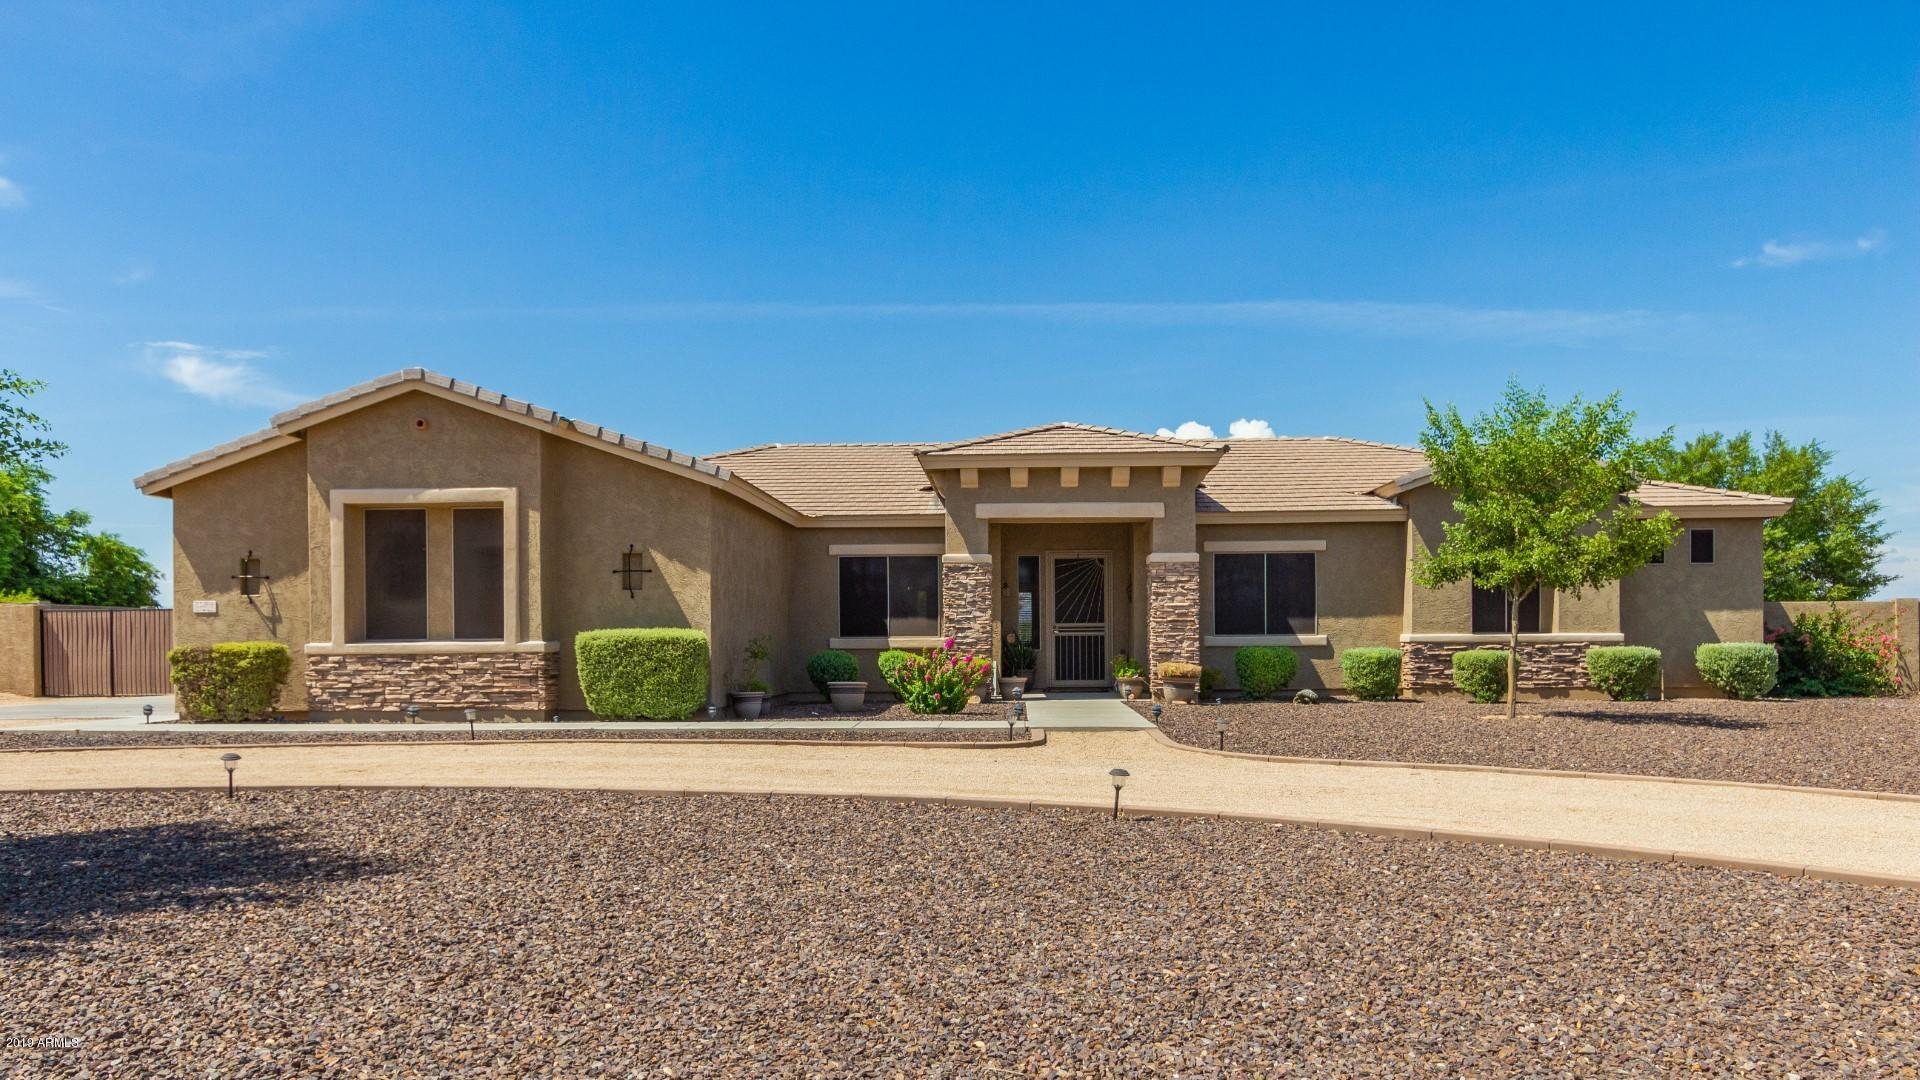 Photo of 22814 W MARK Lane, Wittmann, AZ 85361